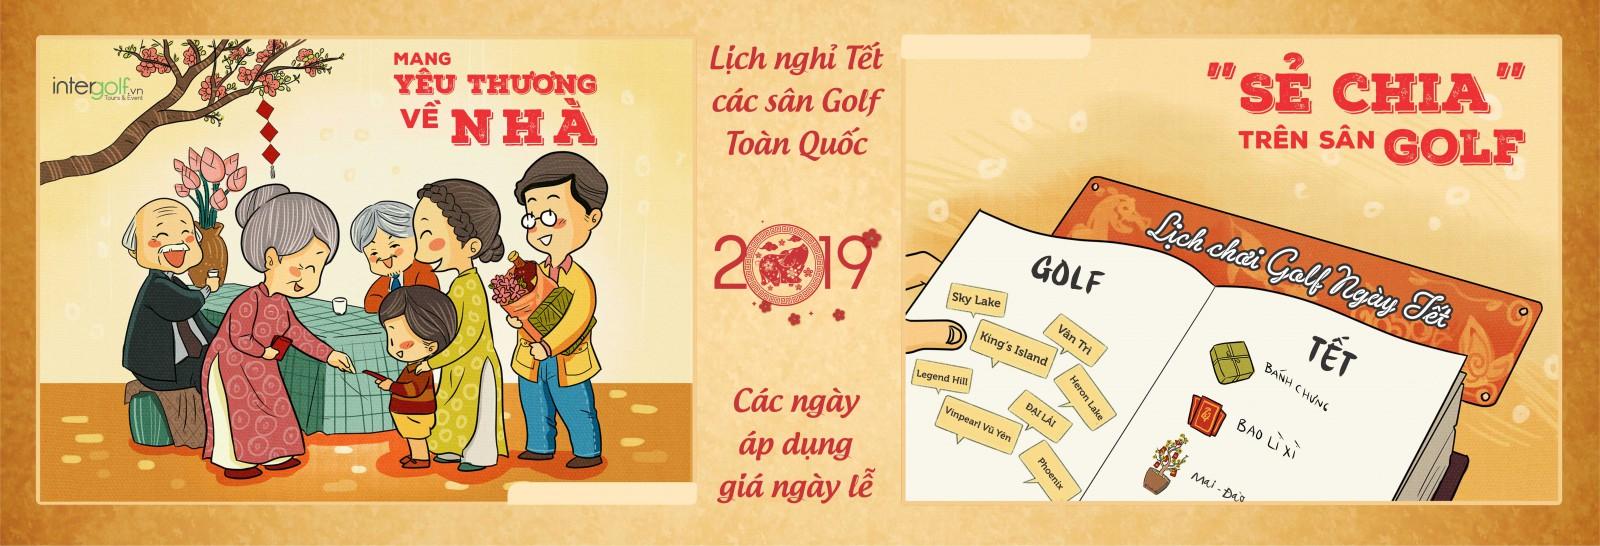 GolfBooking | InterGolf thông báo lịch nghỉ lễ & Ngày áp dụng giá ngày lễ Tết 2019